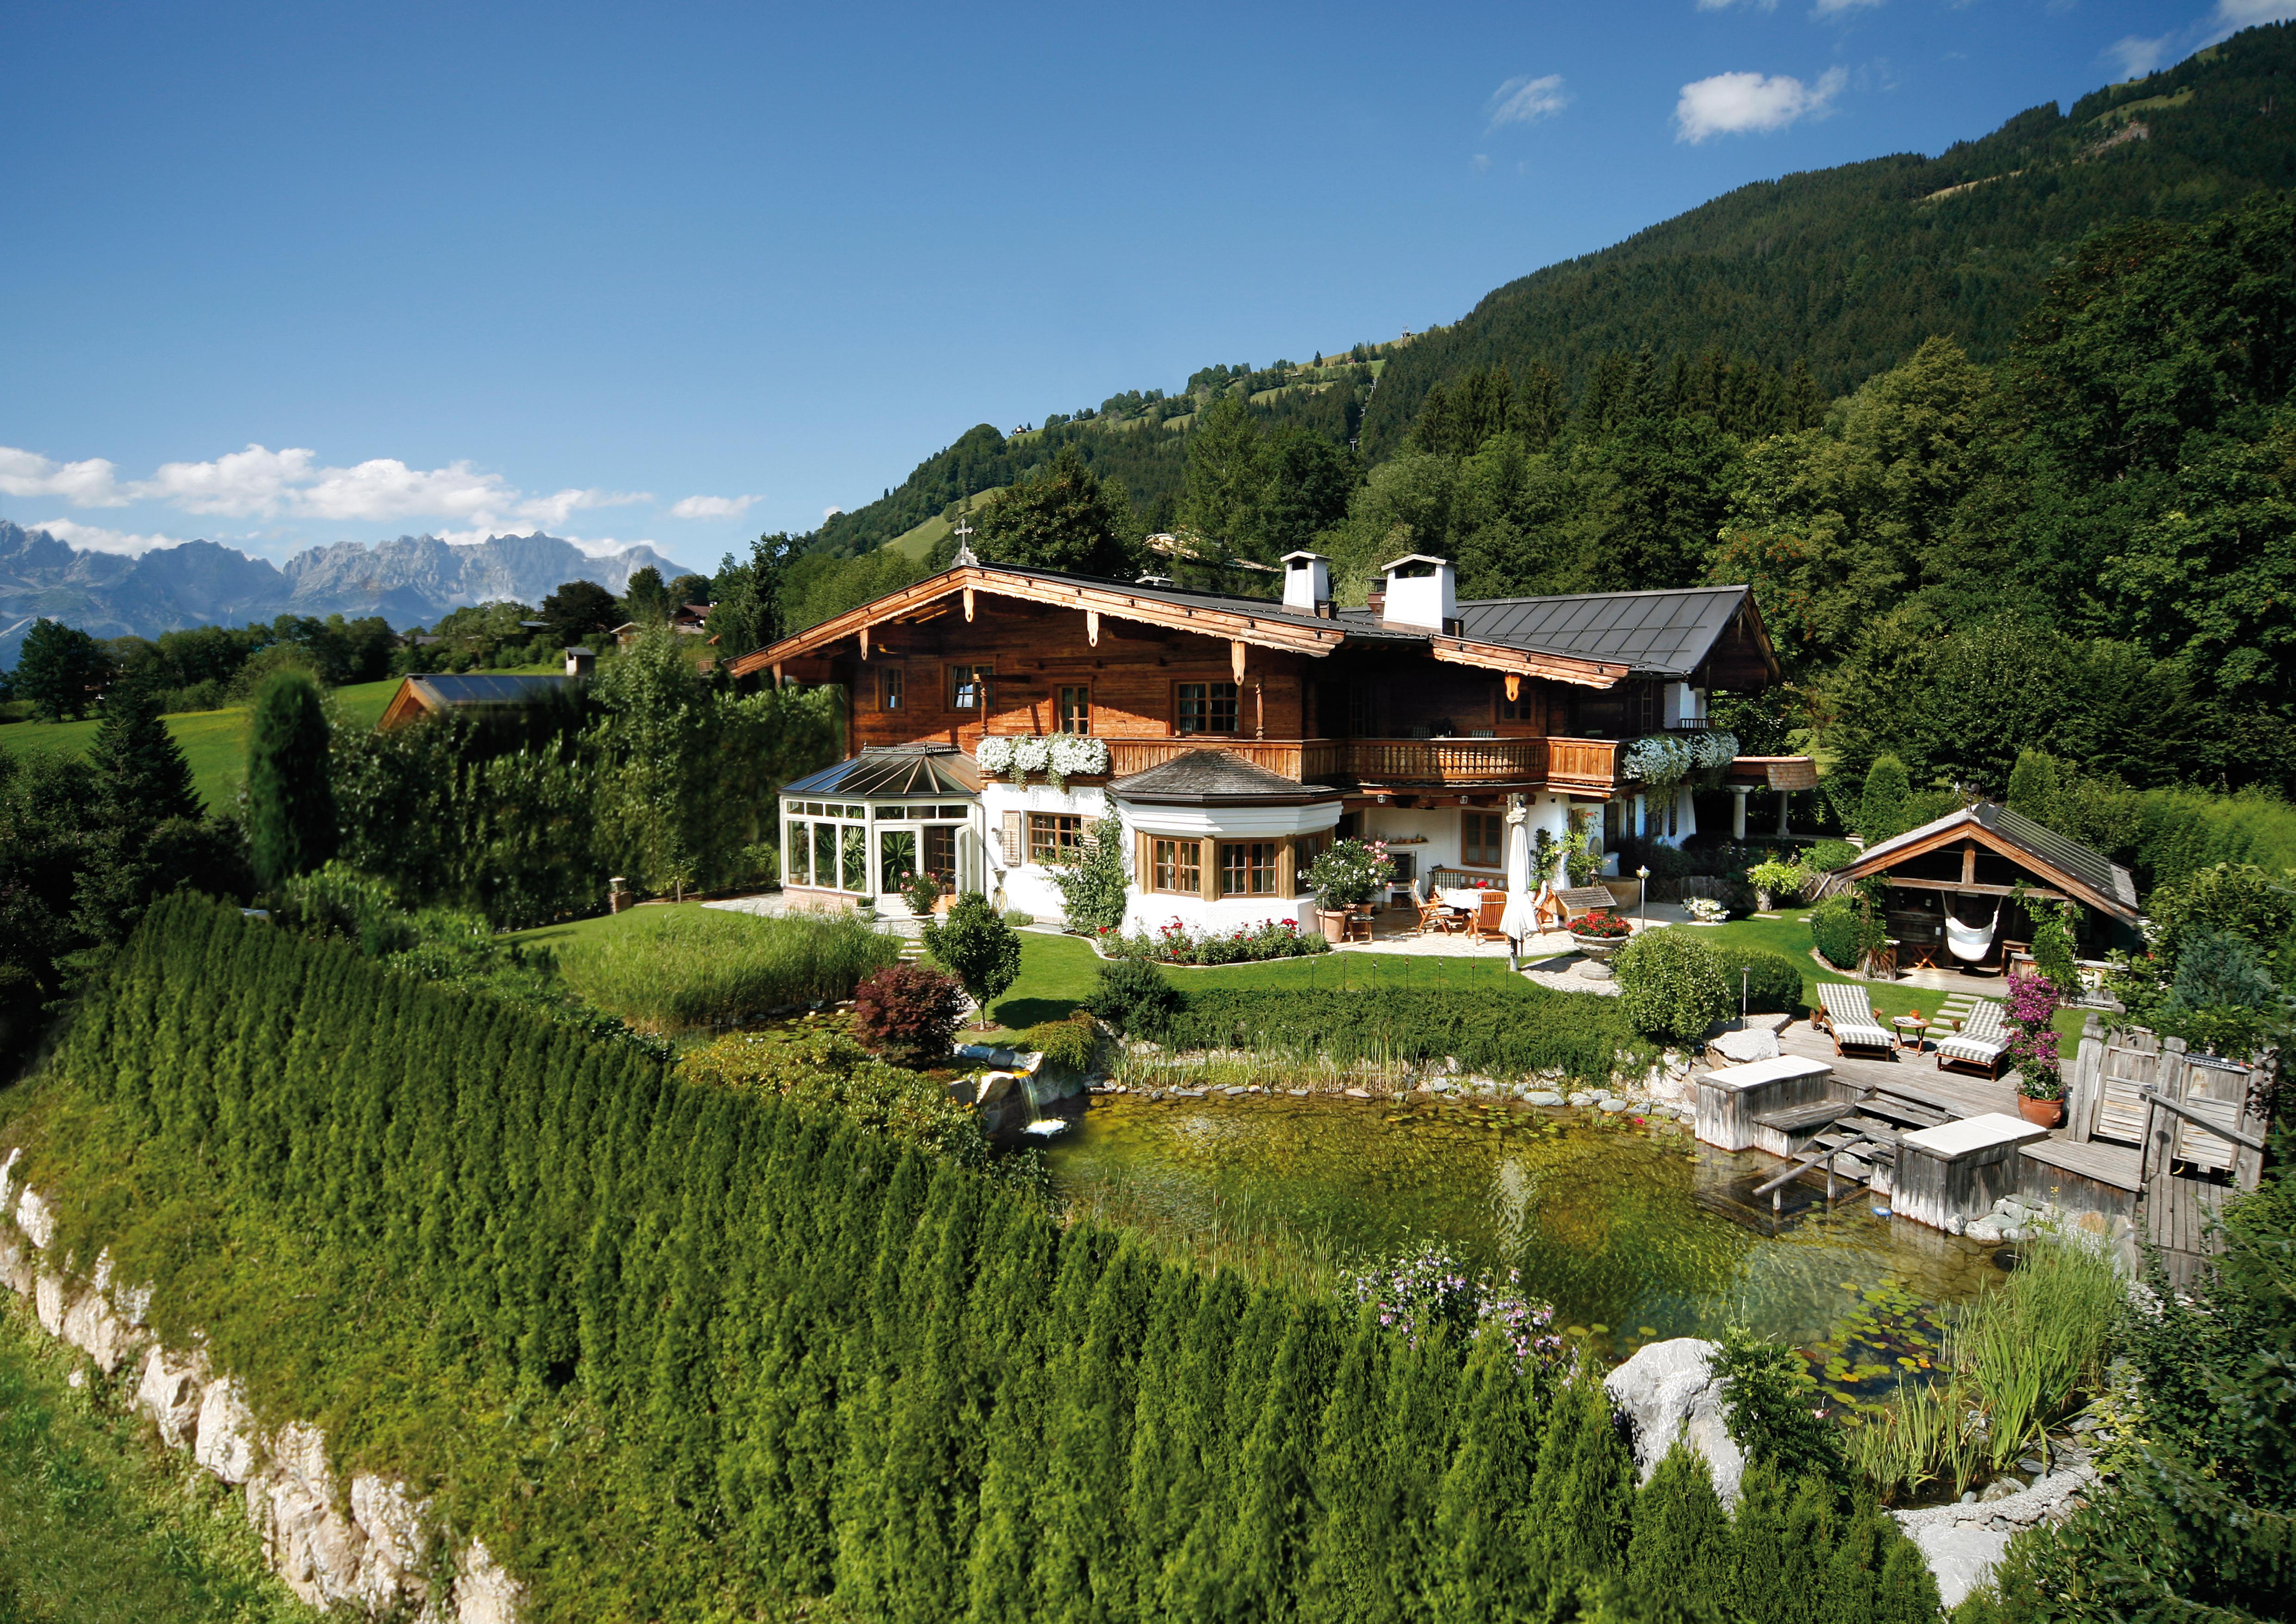 Villa Kitz